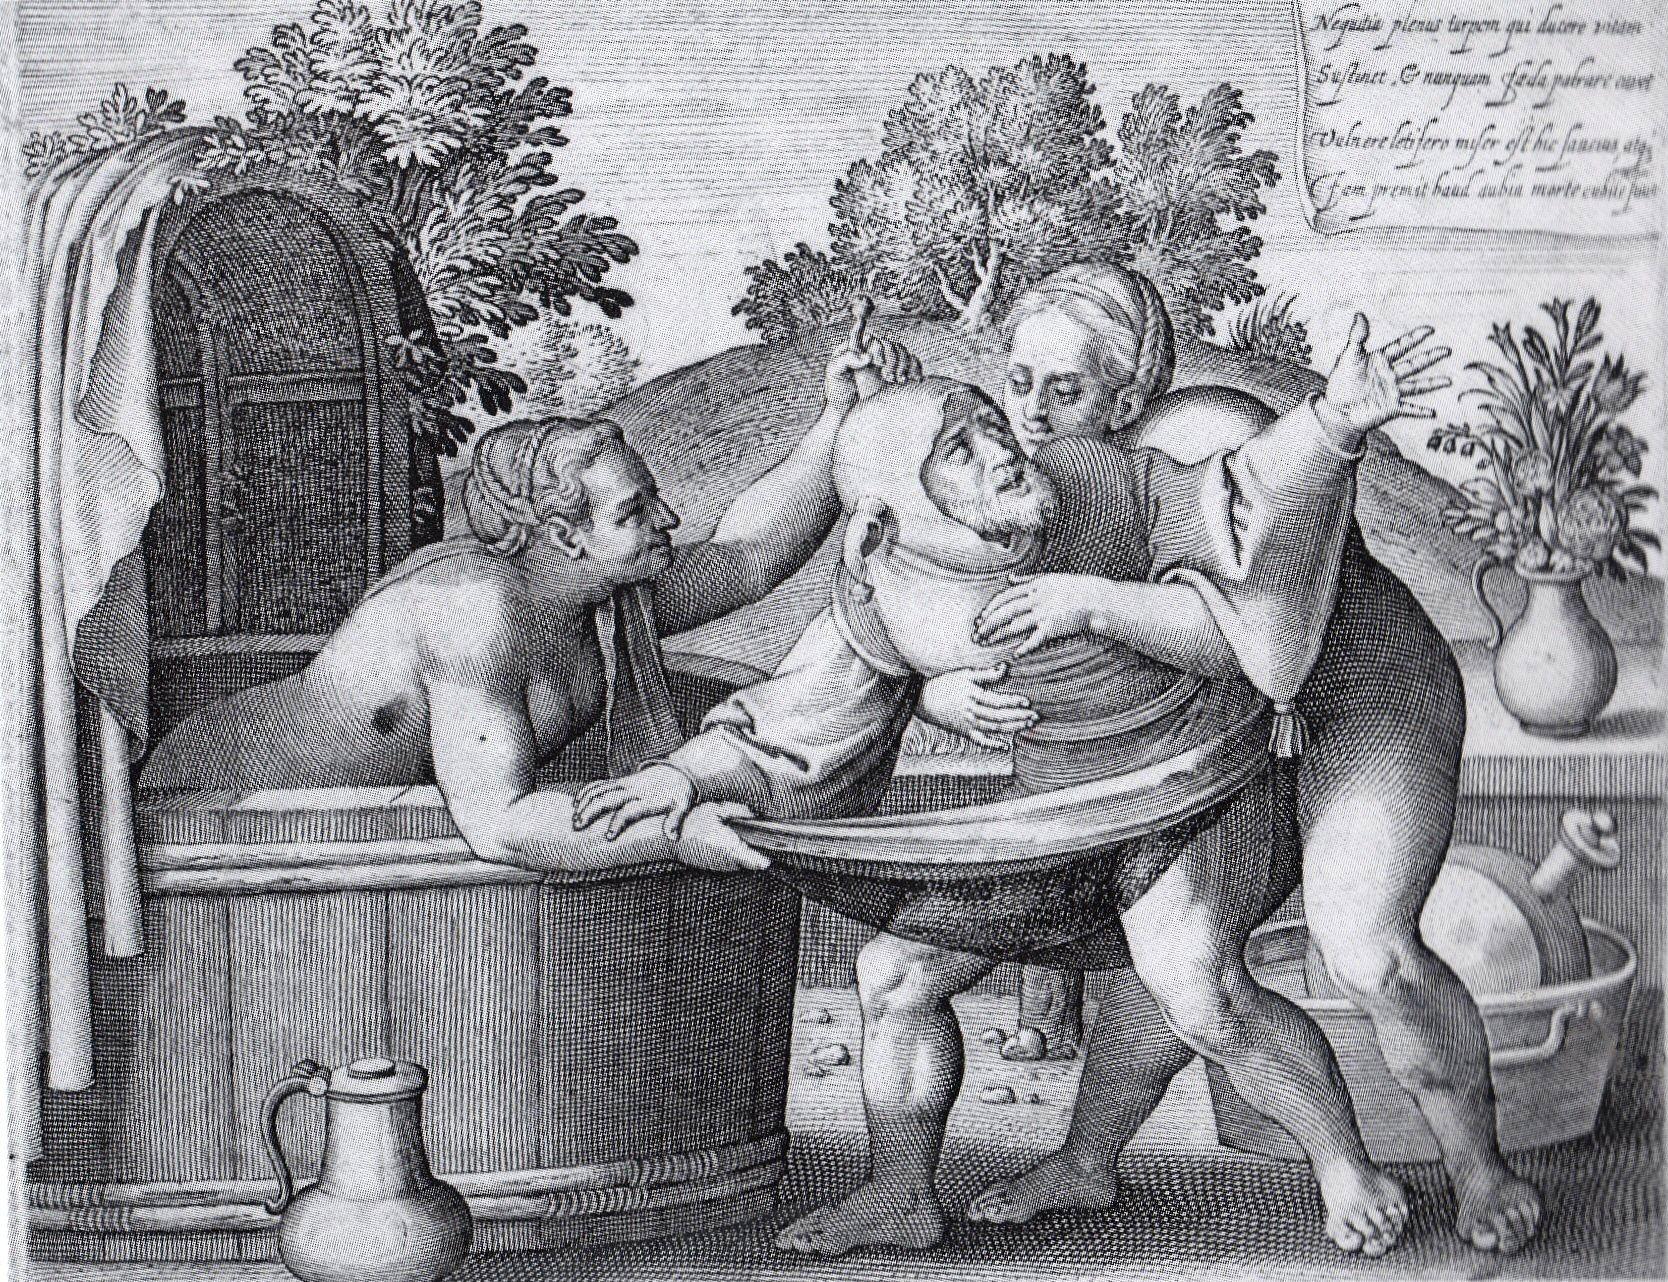 эротическое фото средневековый разврат даром себя наказать